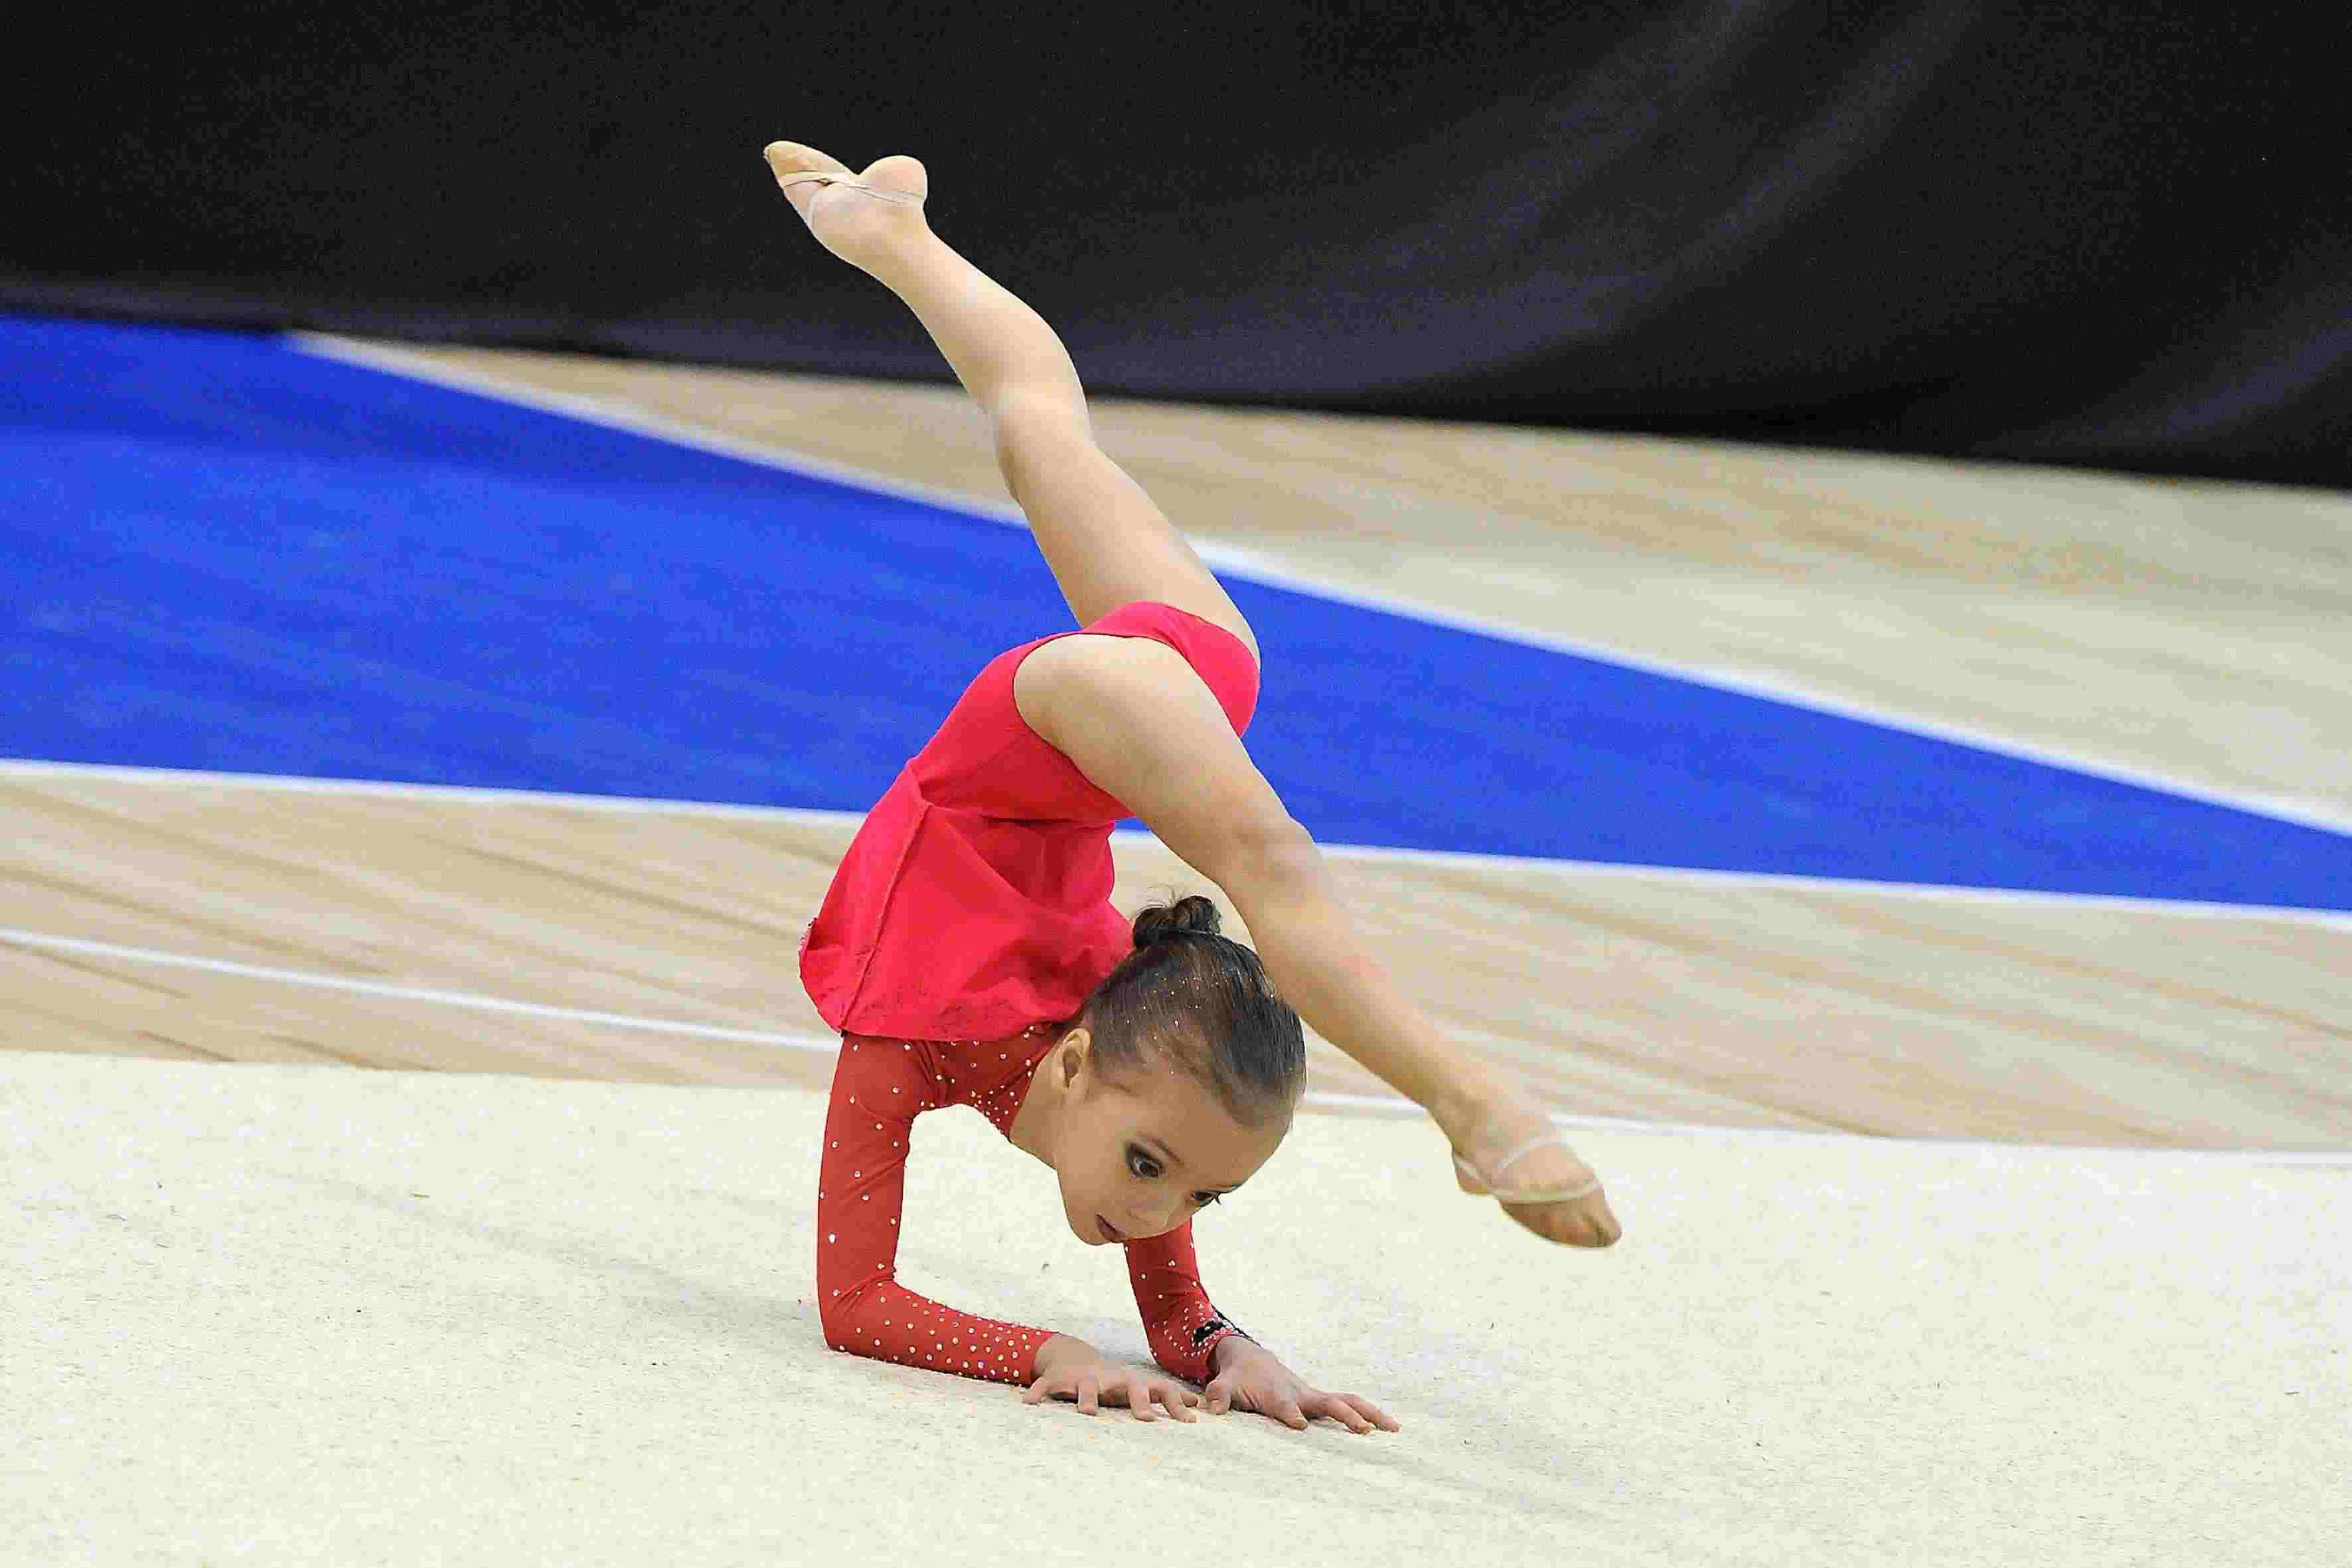 Фотографии юные гимнастки фото 20 фотография